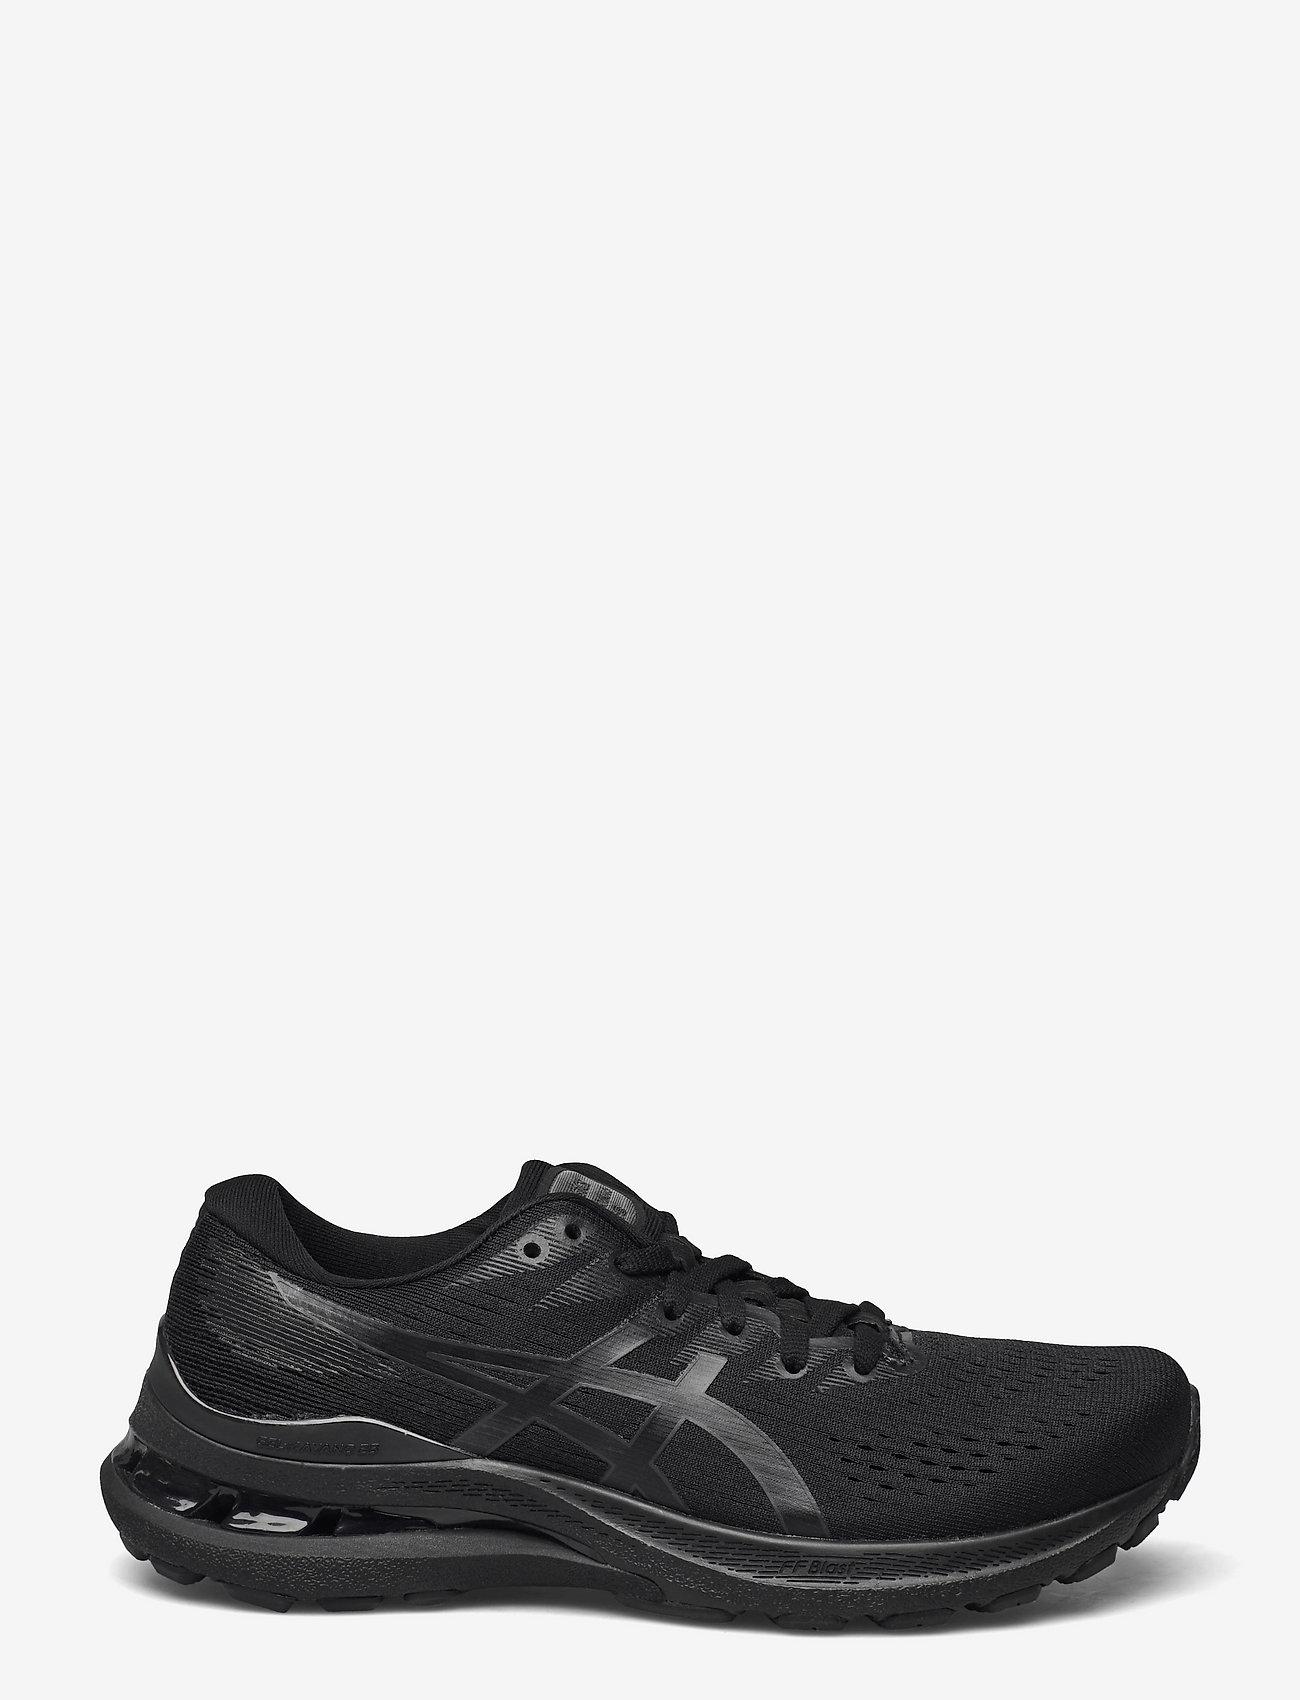 Asics - GEL-KAYANO 28 - running shoes - black/graphite grey - 1